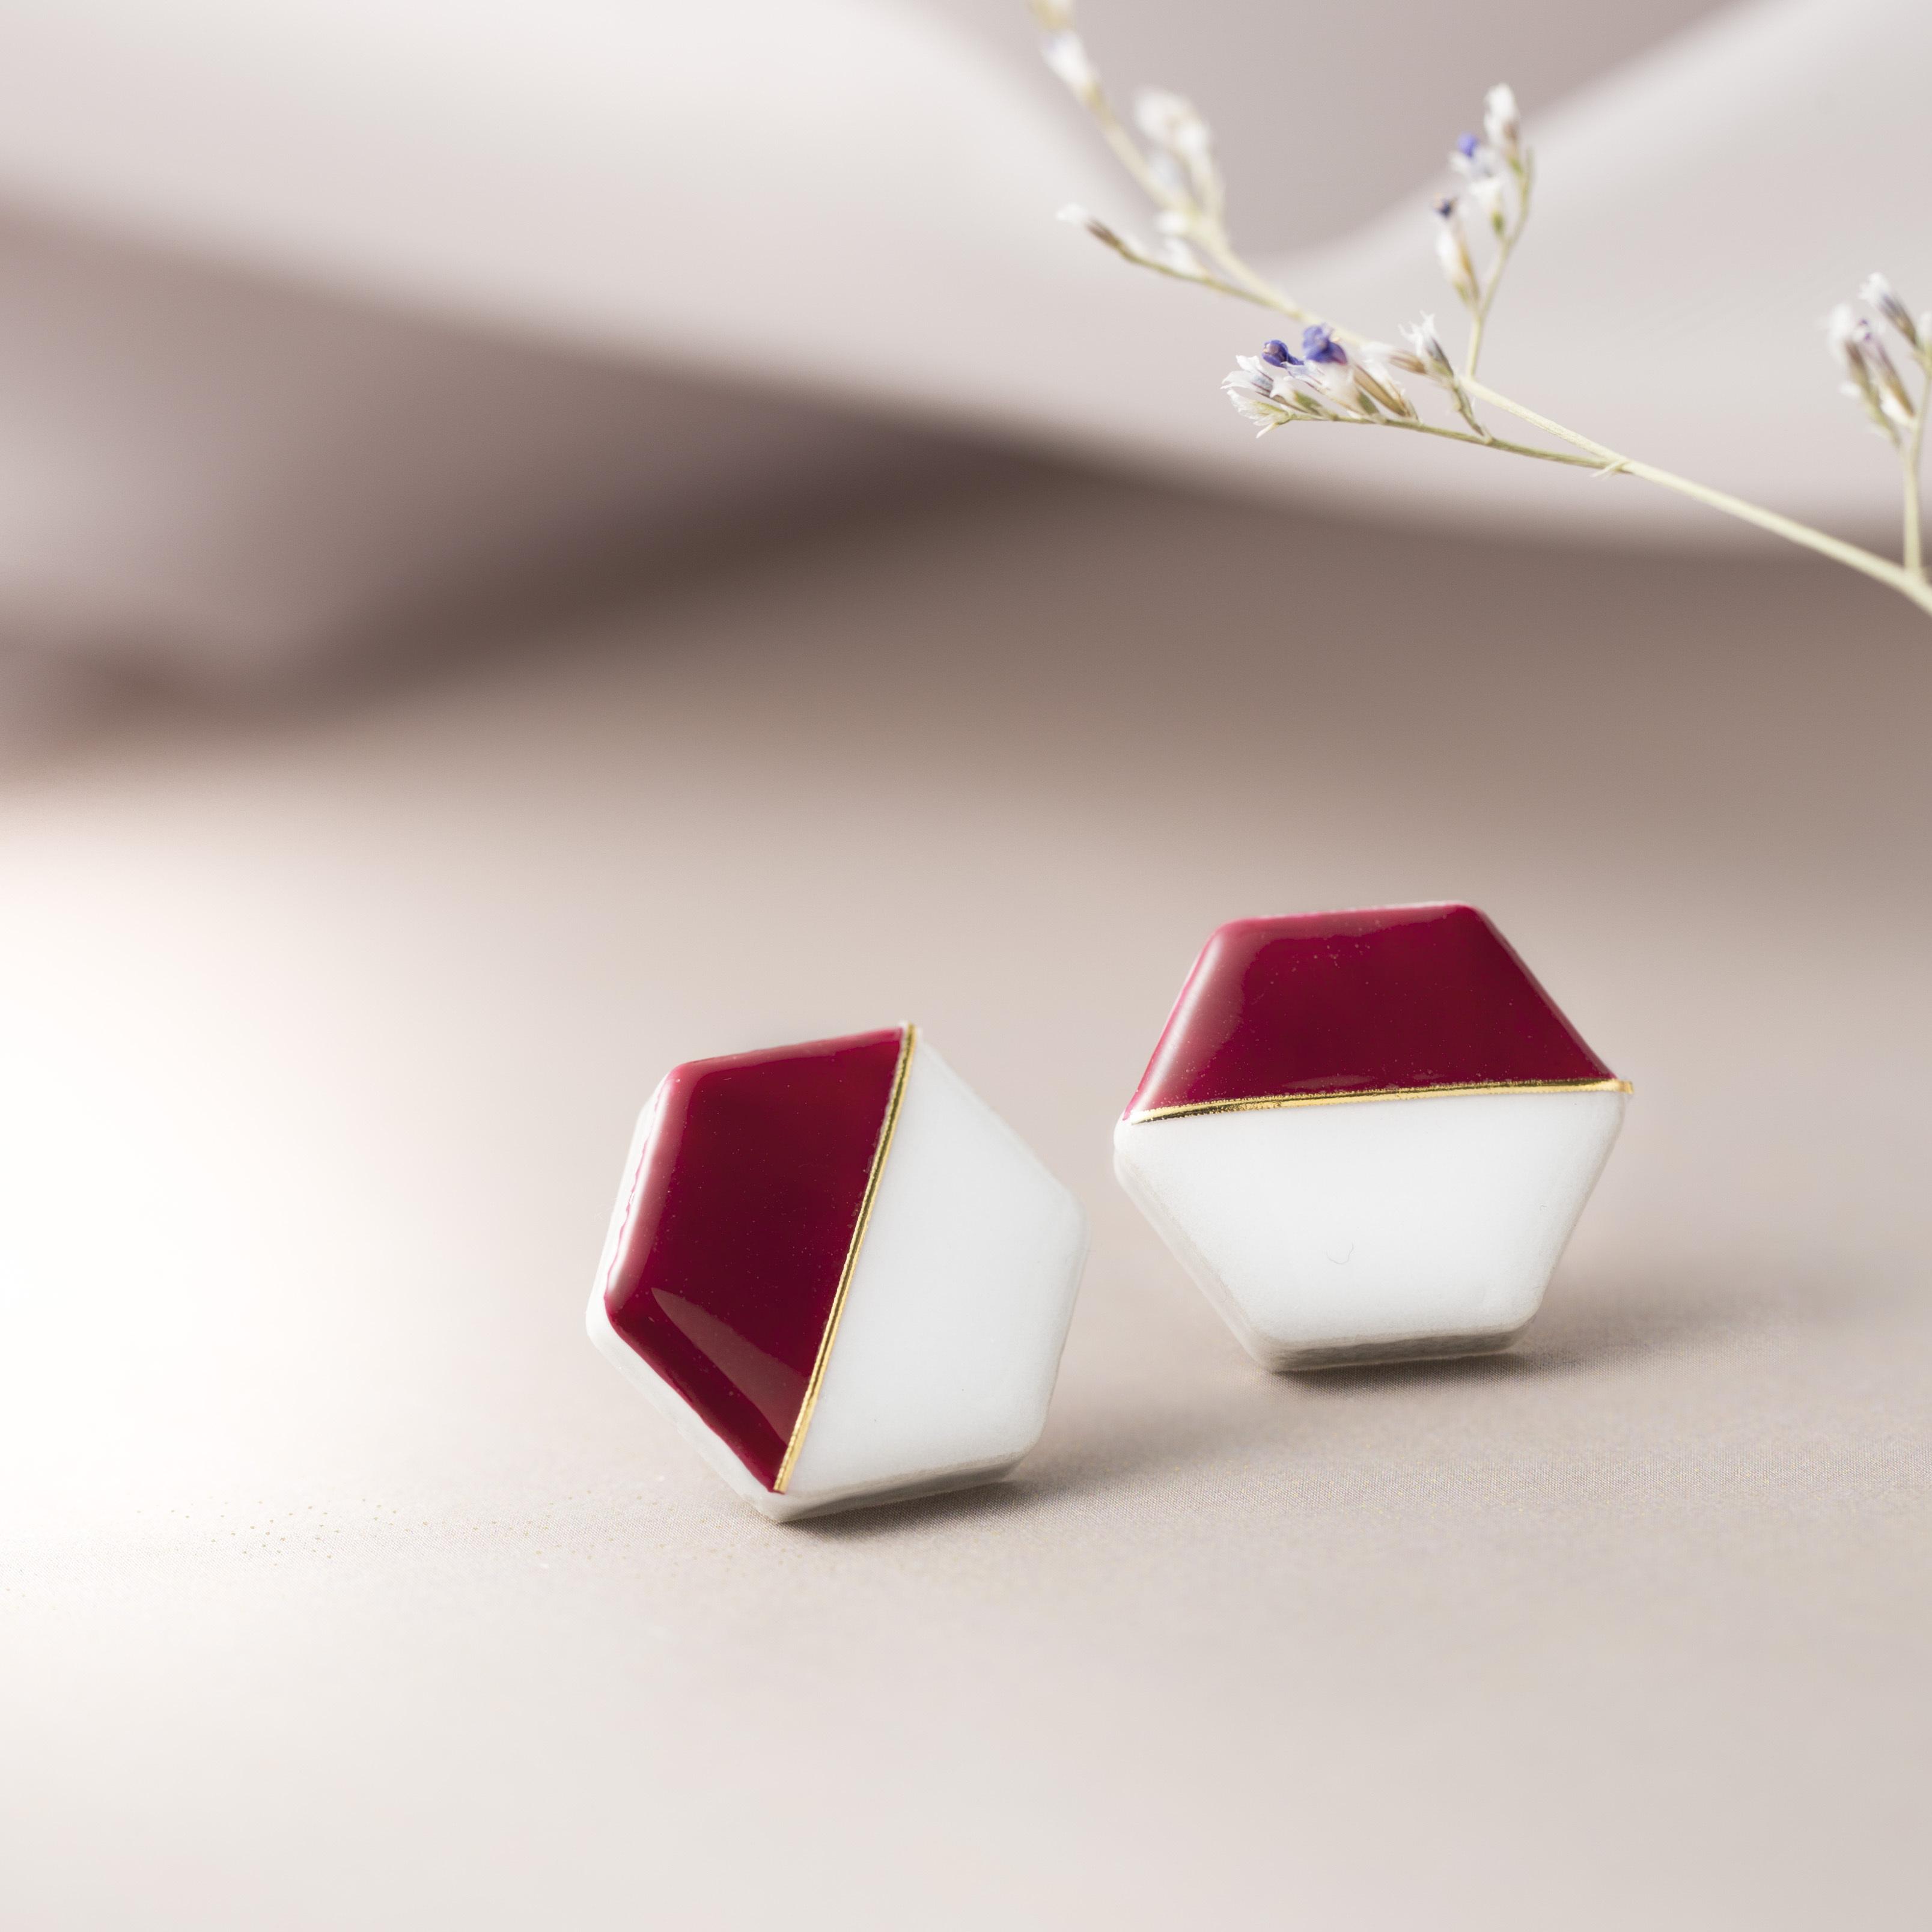 美濃焼 陶器 ホワイト×ボルドー 六角形 モダン イヤリング ピアス 伝統工芸品